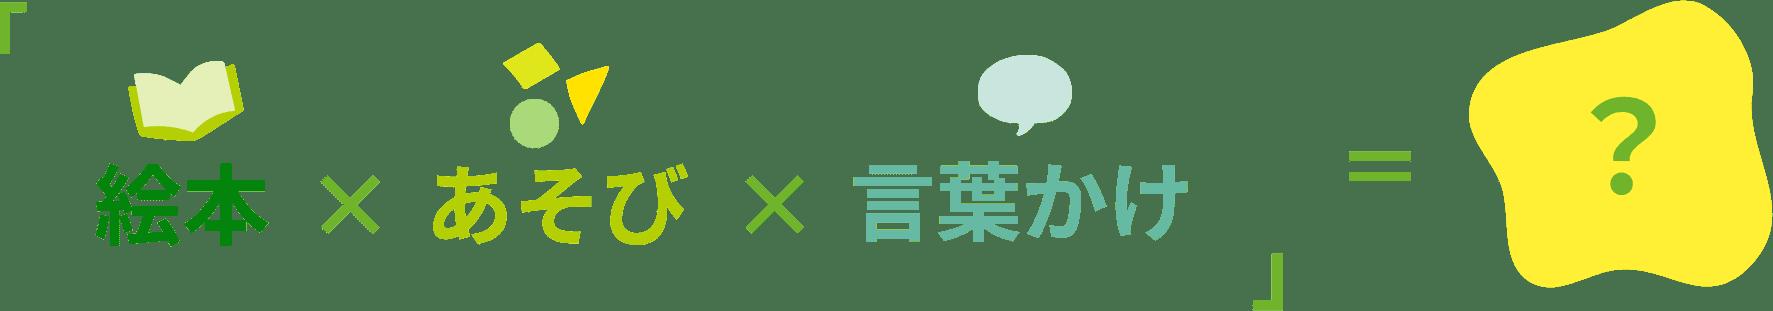 「絵本×あそび×英語」=?